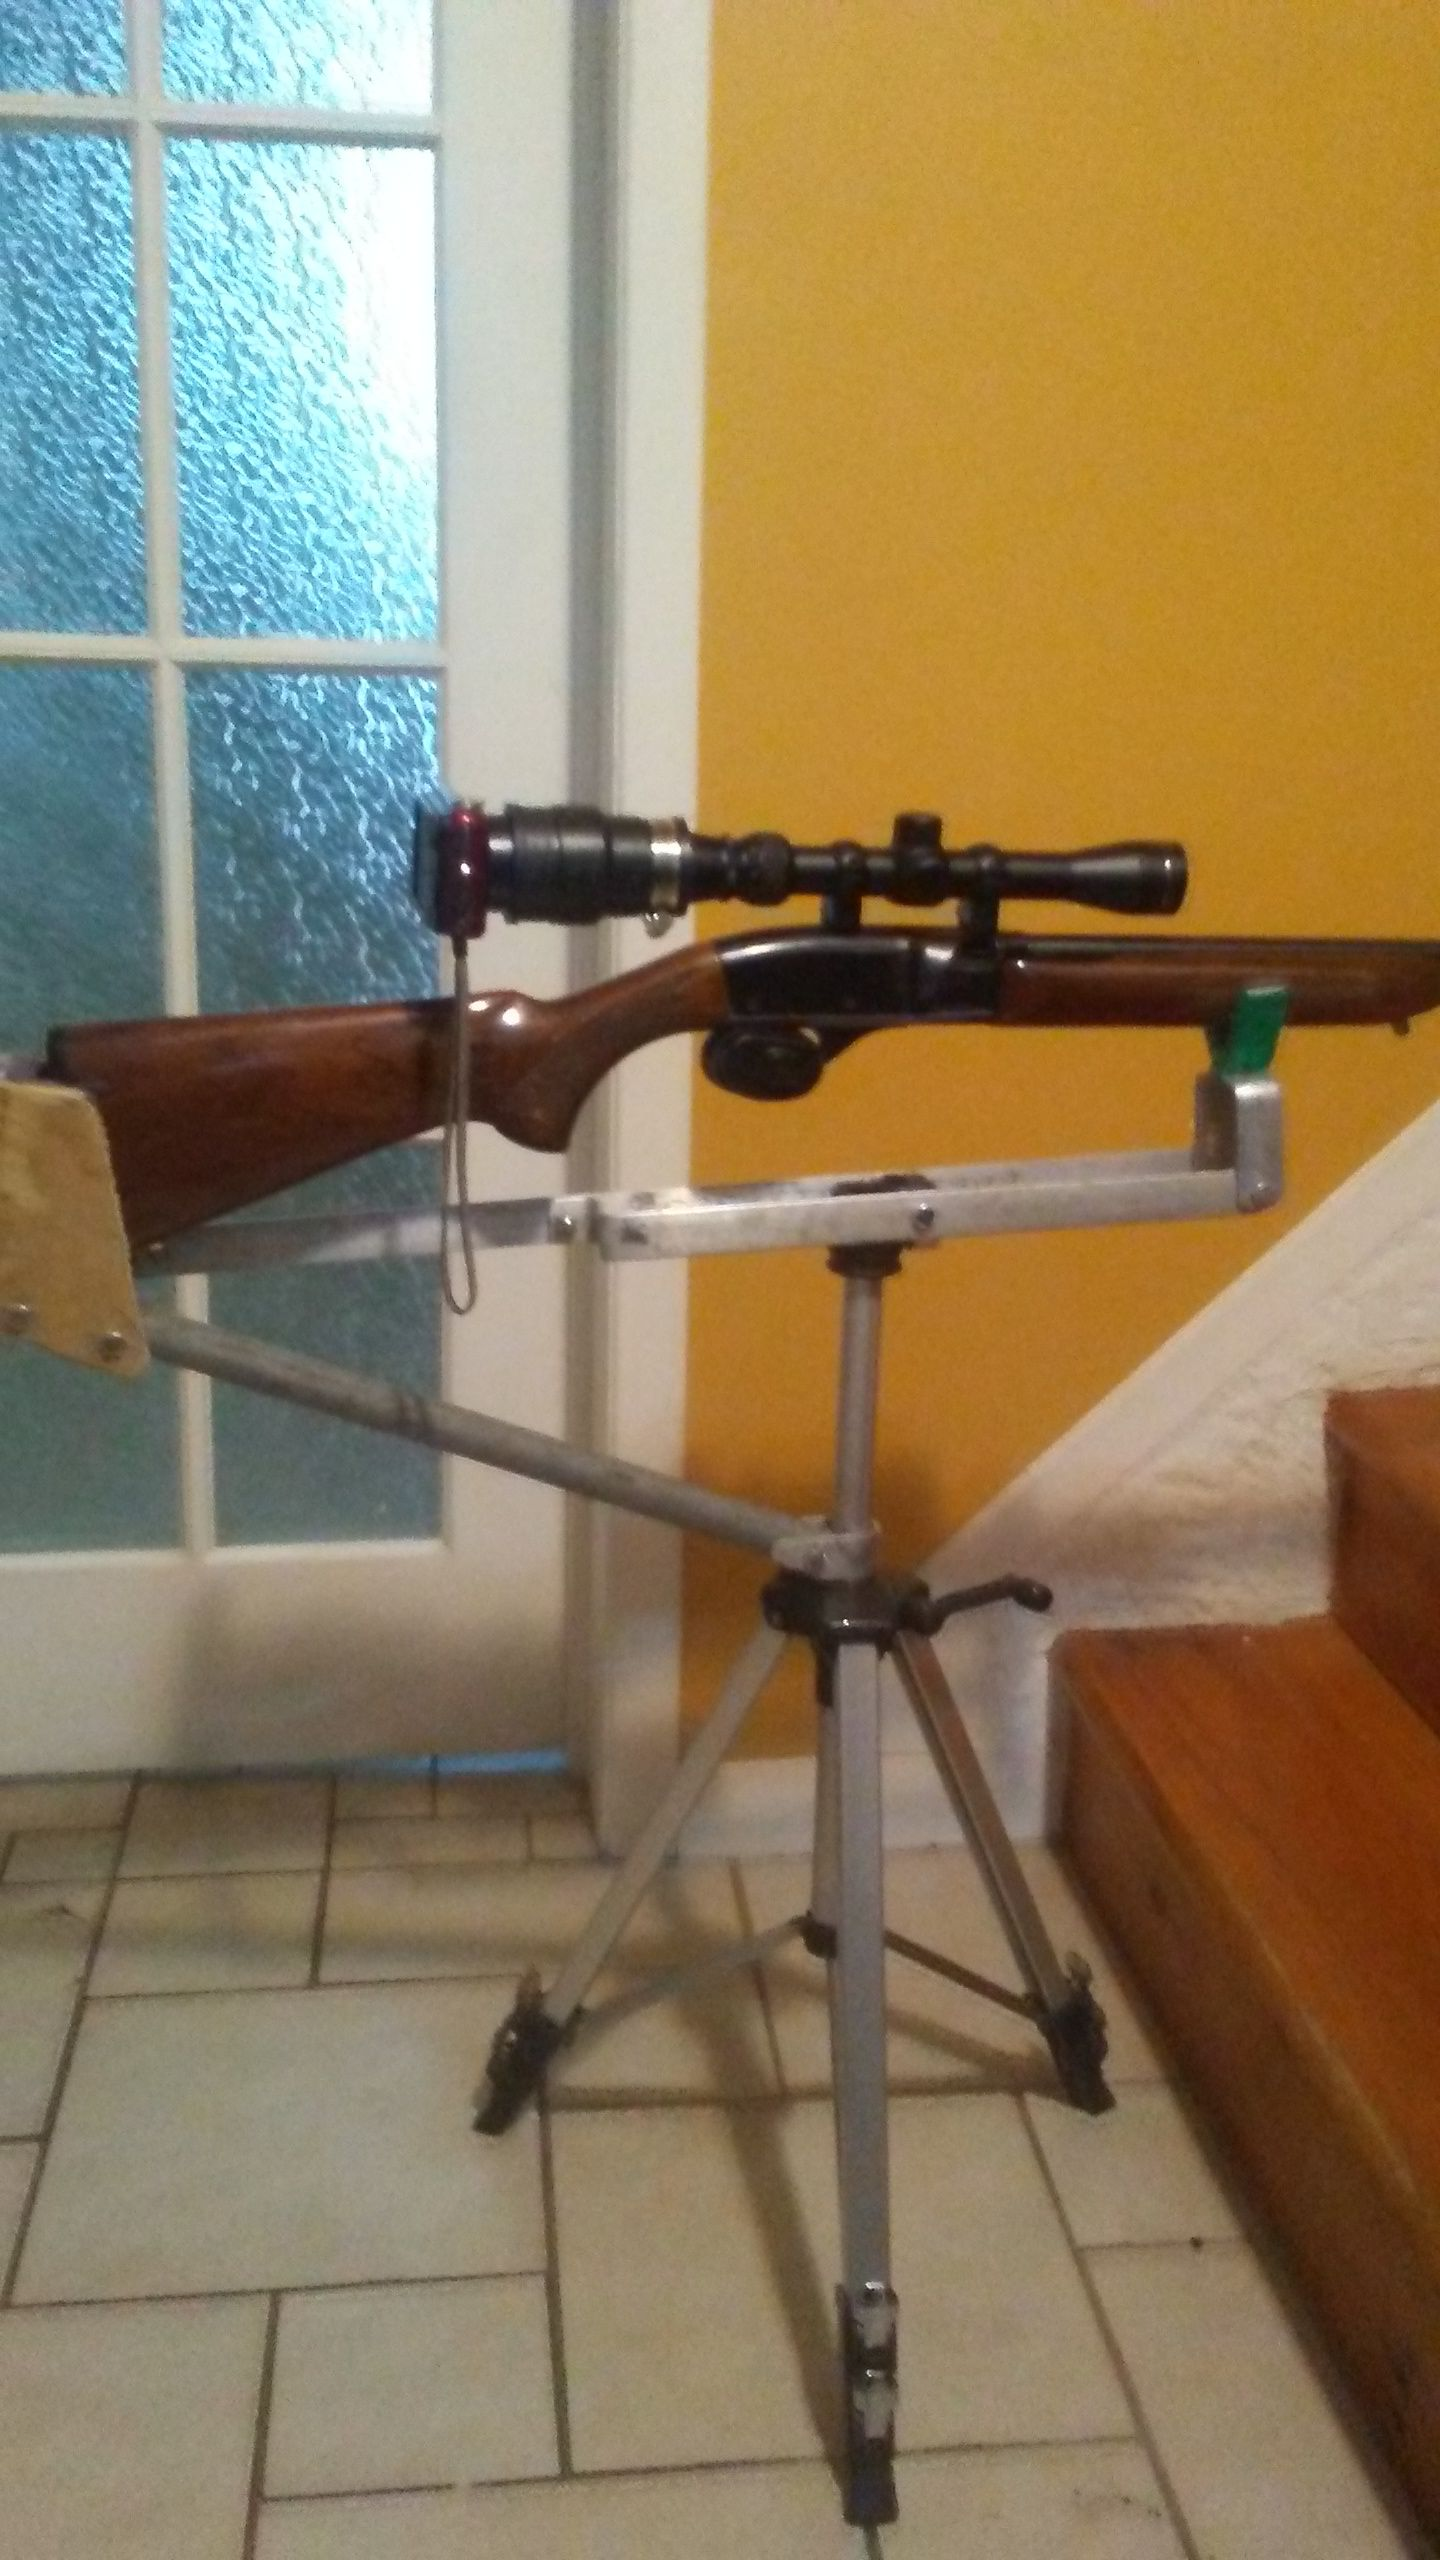 Support de tir carabine et caméra (home made)  Dv69Sp